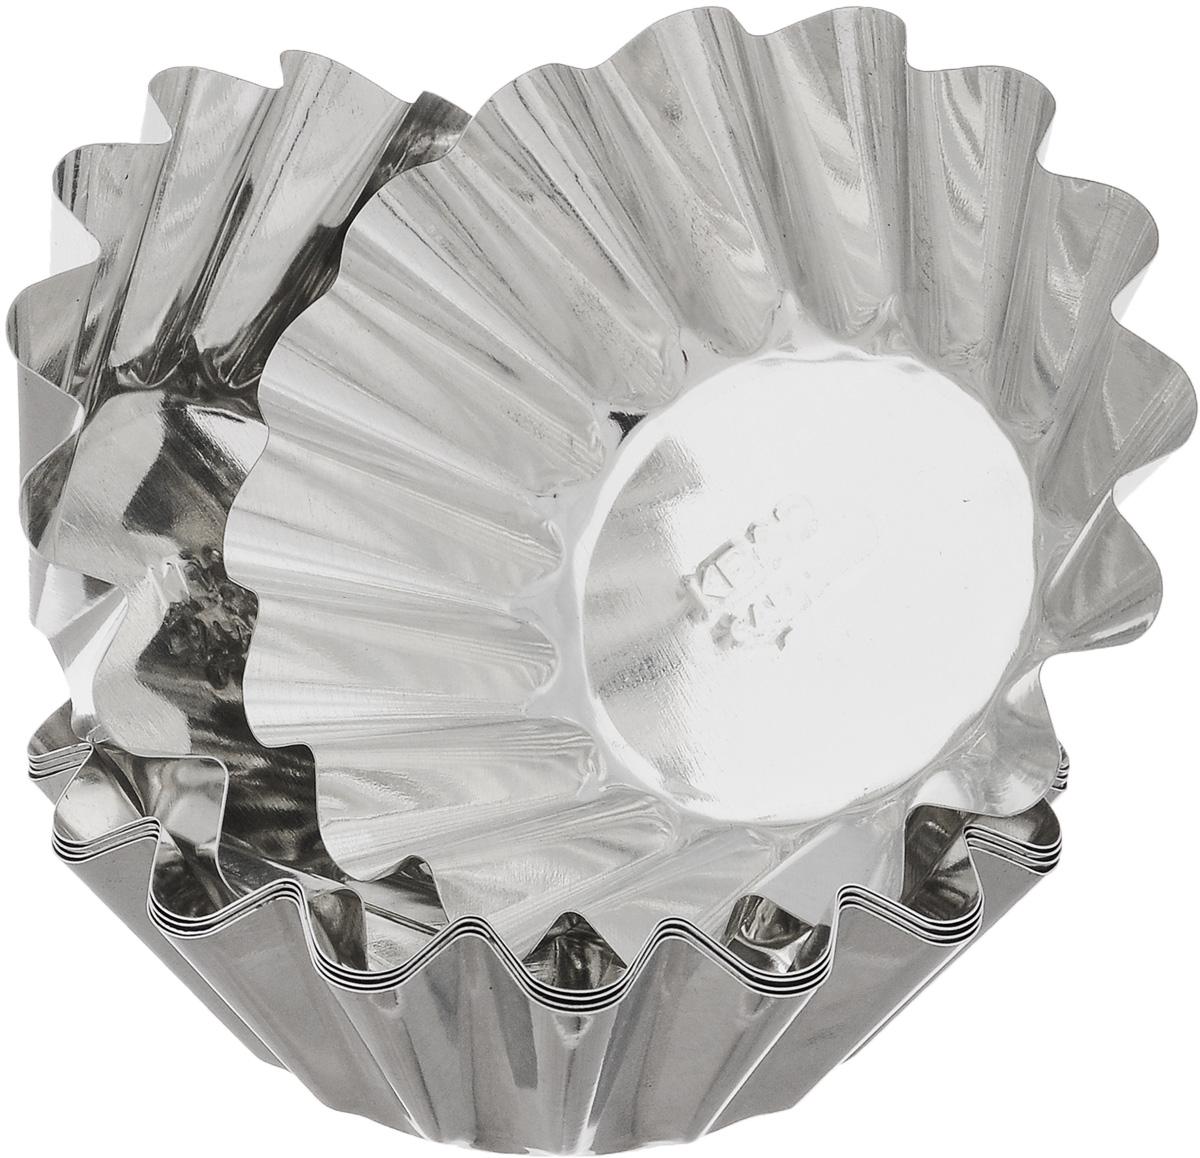 Набор форм для выпечки Кварц, диаметр 9,5 см, 6 шт набор форм для выпечки metaltex 6 шт 25 91 24